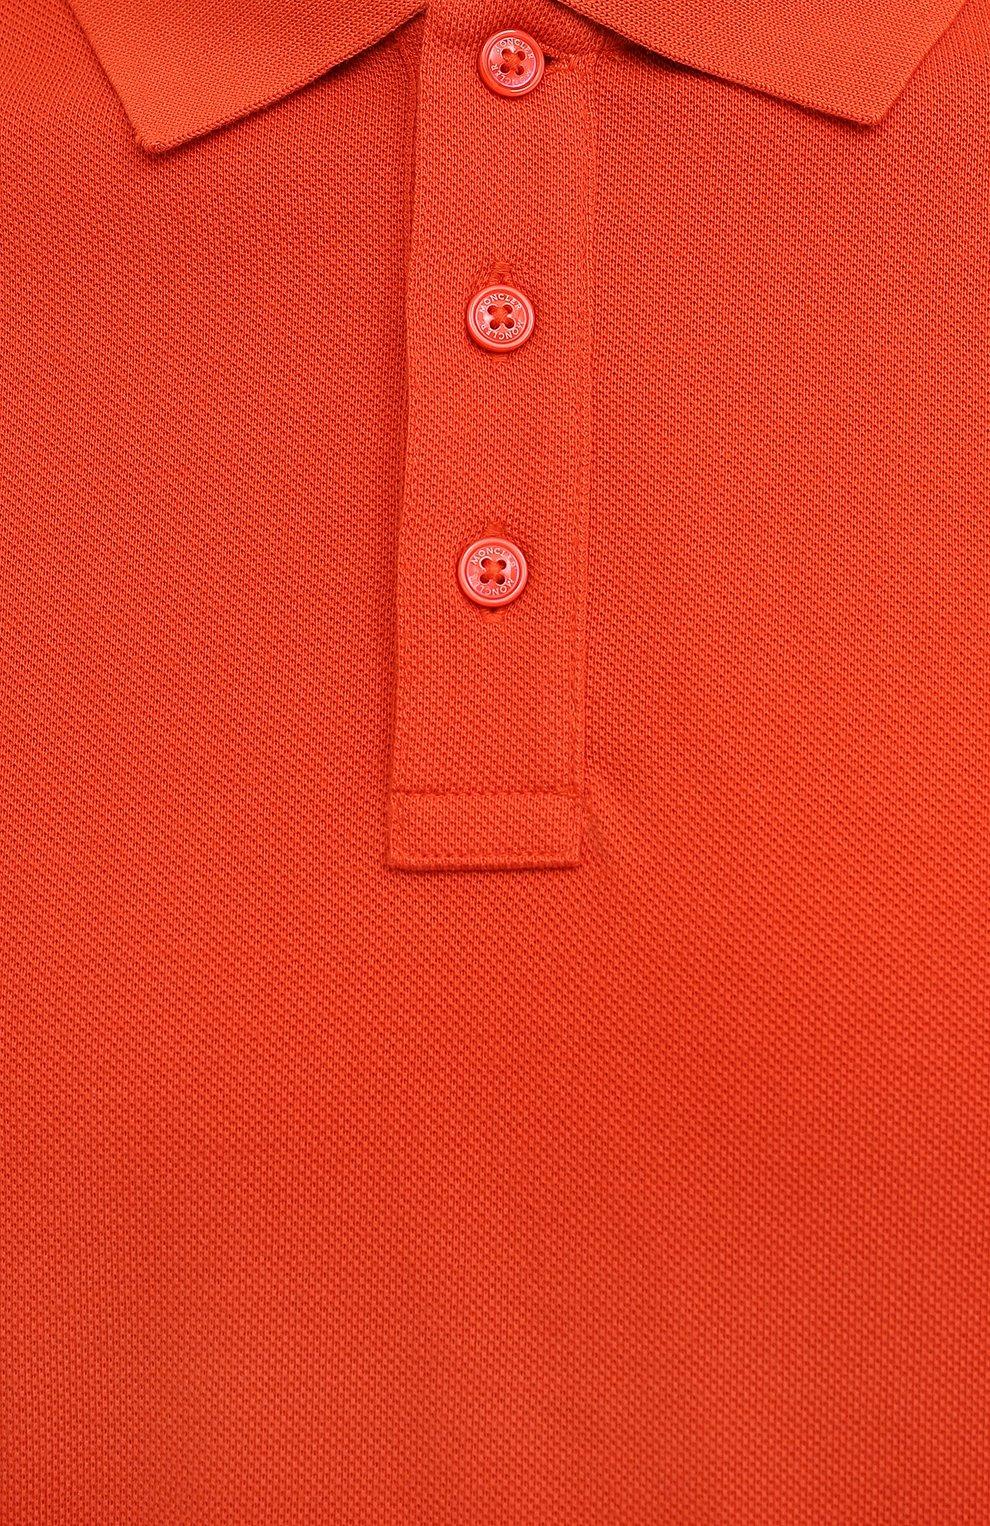 Мужское хлопковое поло MONCLER оранжевого цвета, арт. G2-091-8A705-10-84556 | Фото 5 (Застежка: Пуговицы; Рукава: Короткие; Длина (для топов): Стандартные; Кросс-КТ: Трикотаж; Материал внешний: Хлопок; Стили: Кэжуэл)